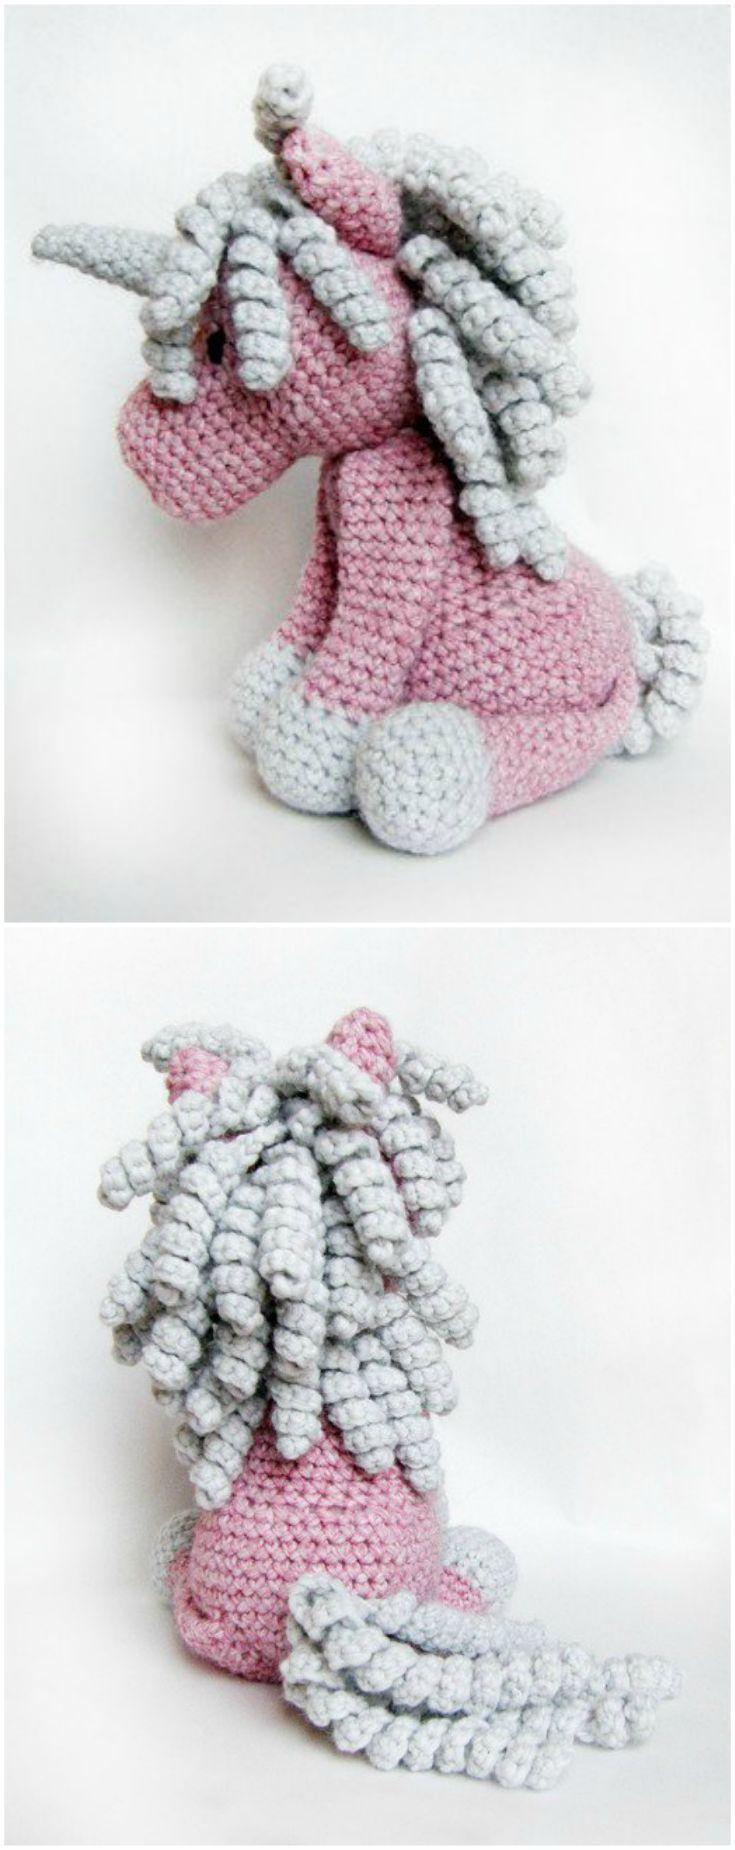 Häkelanleitung für ein kuscheliges Einhorn mit Ringellocken, Amigurumi Häkeltiere / crochet ebook for a magic unicorn, amigurumi made by Froschprinzessin via http://DaWanda.com